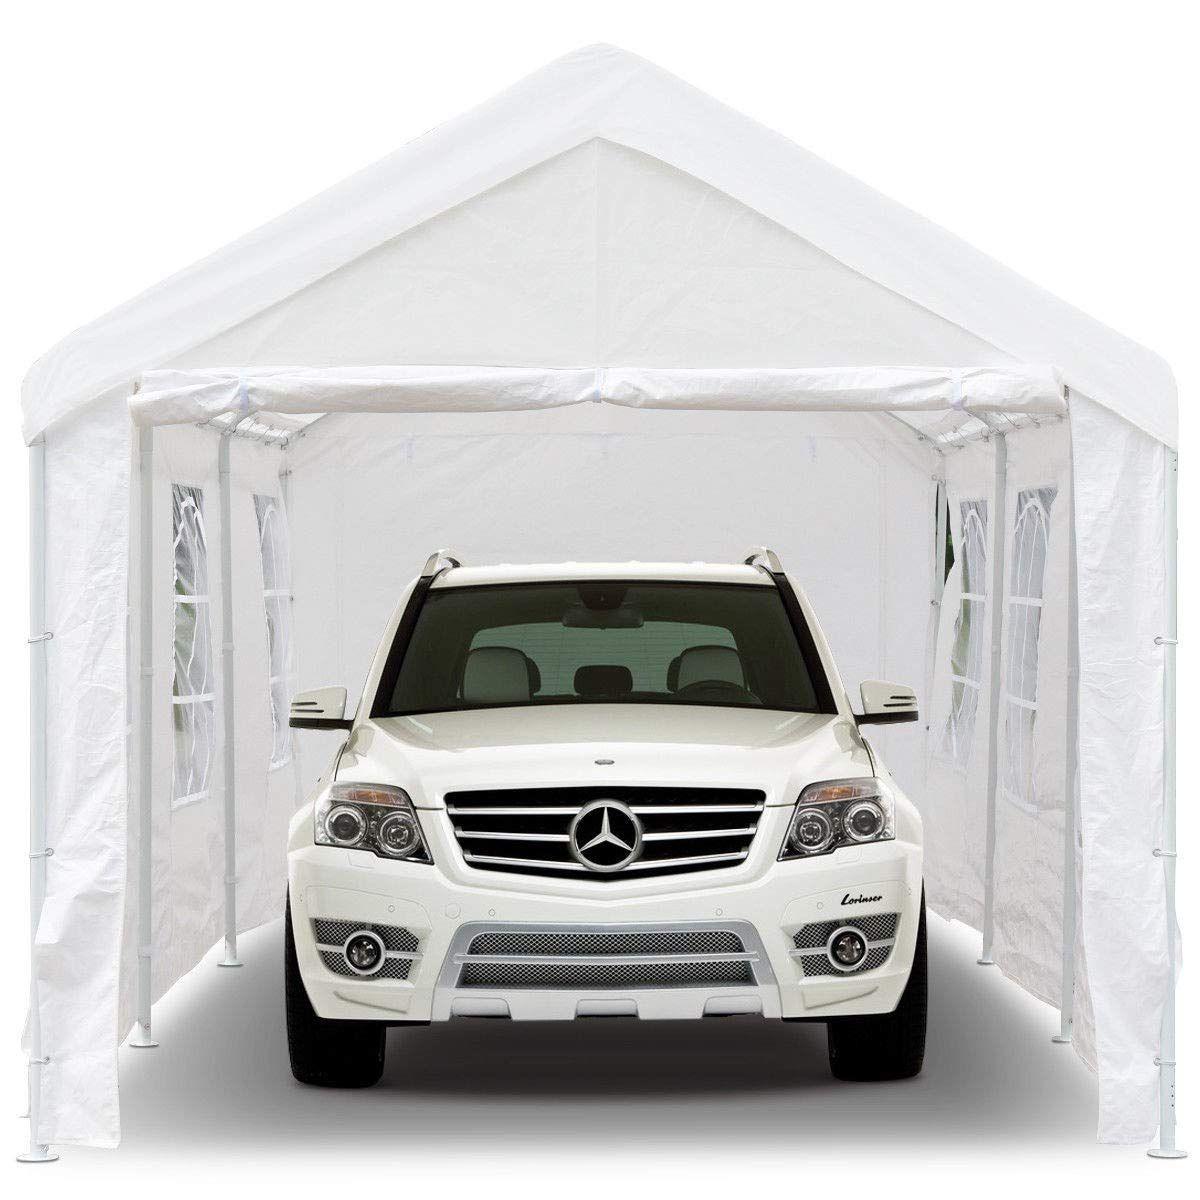 Peaktop 20'x10' Heavy Duty Portable Carport Garage Car